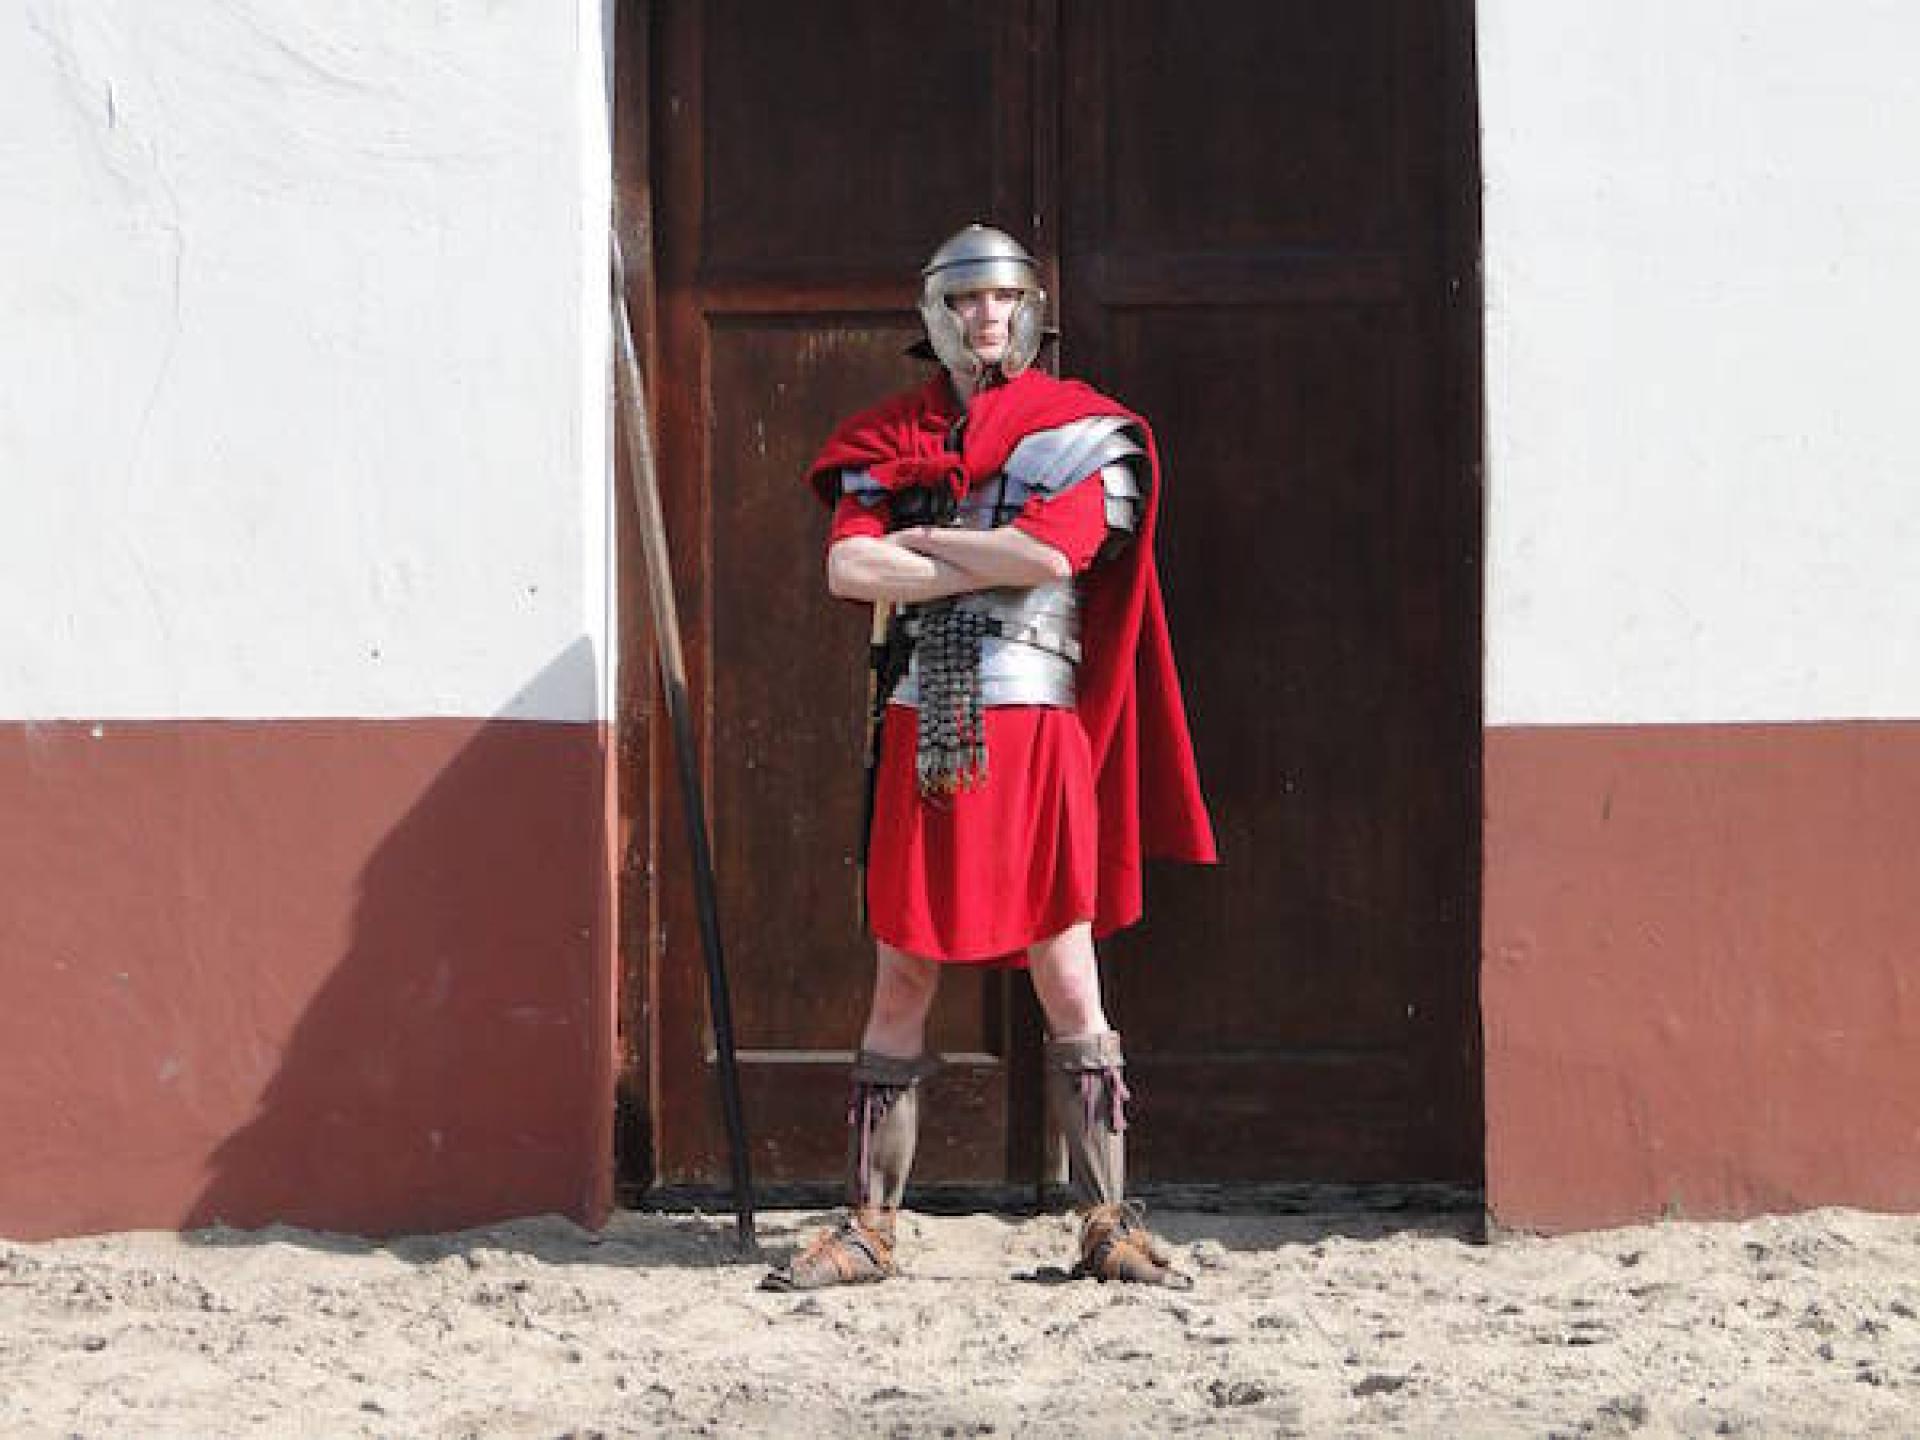 Een tijdreis naar de middeleeuwen